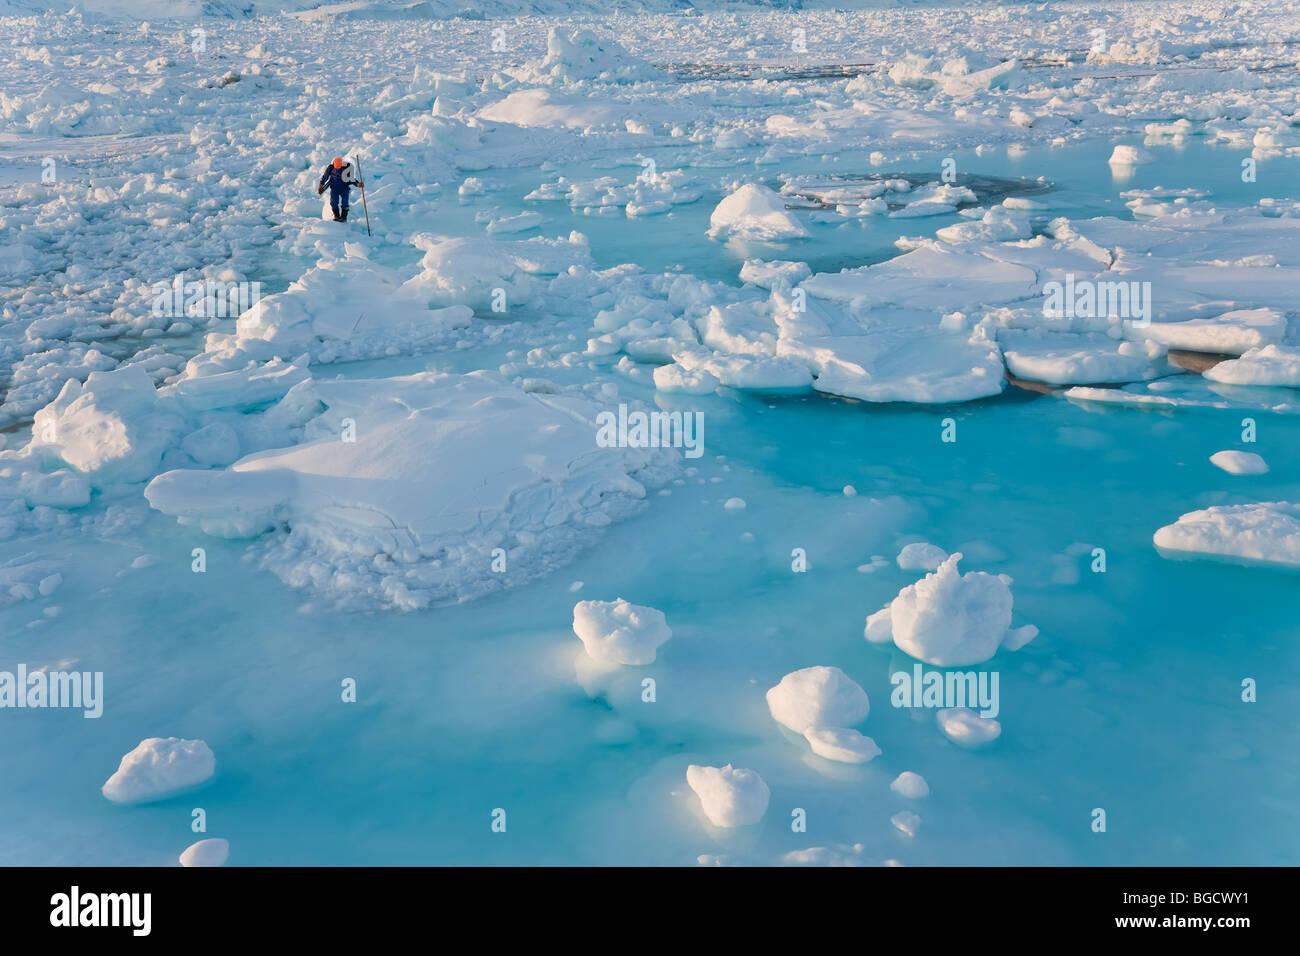 Chasseur de phoque sur la glace de mer, Tiniteqilaq, E. Greenland Photo Stock